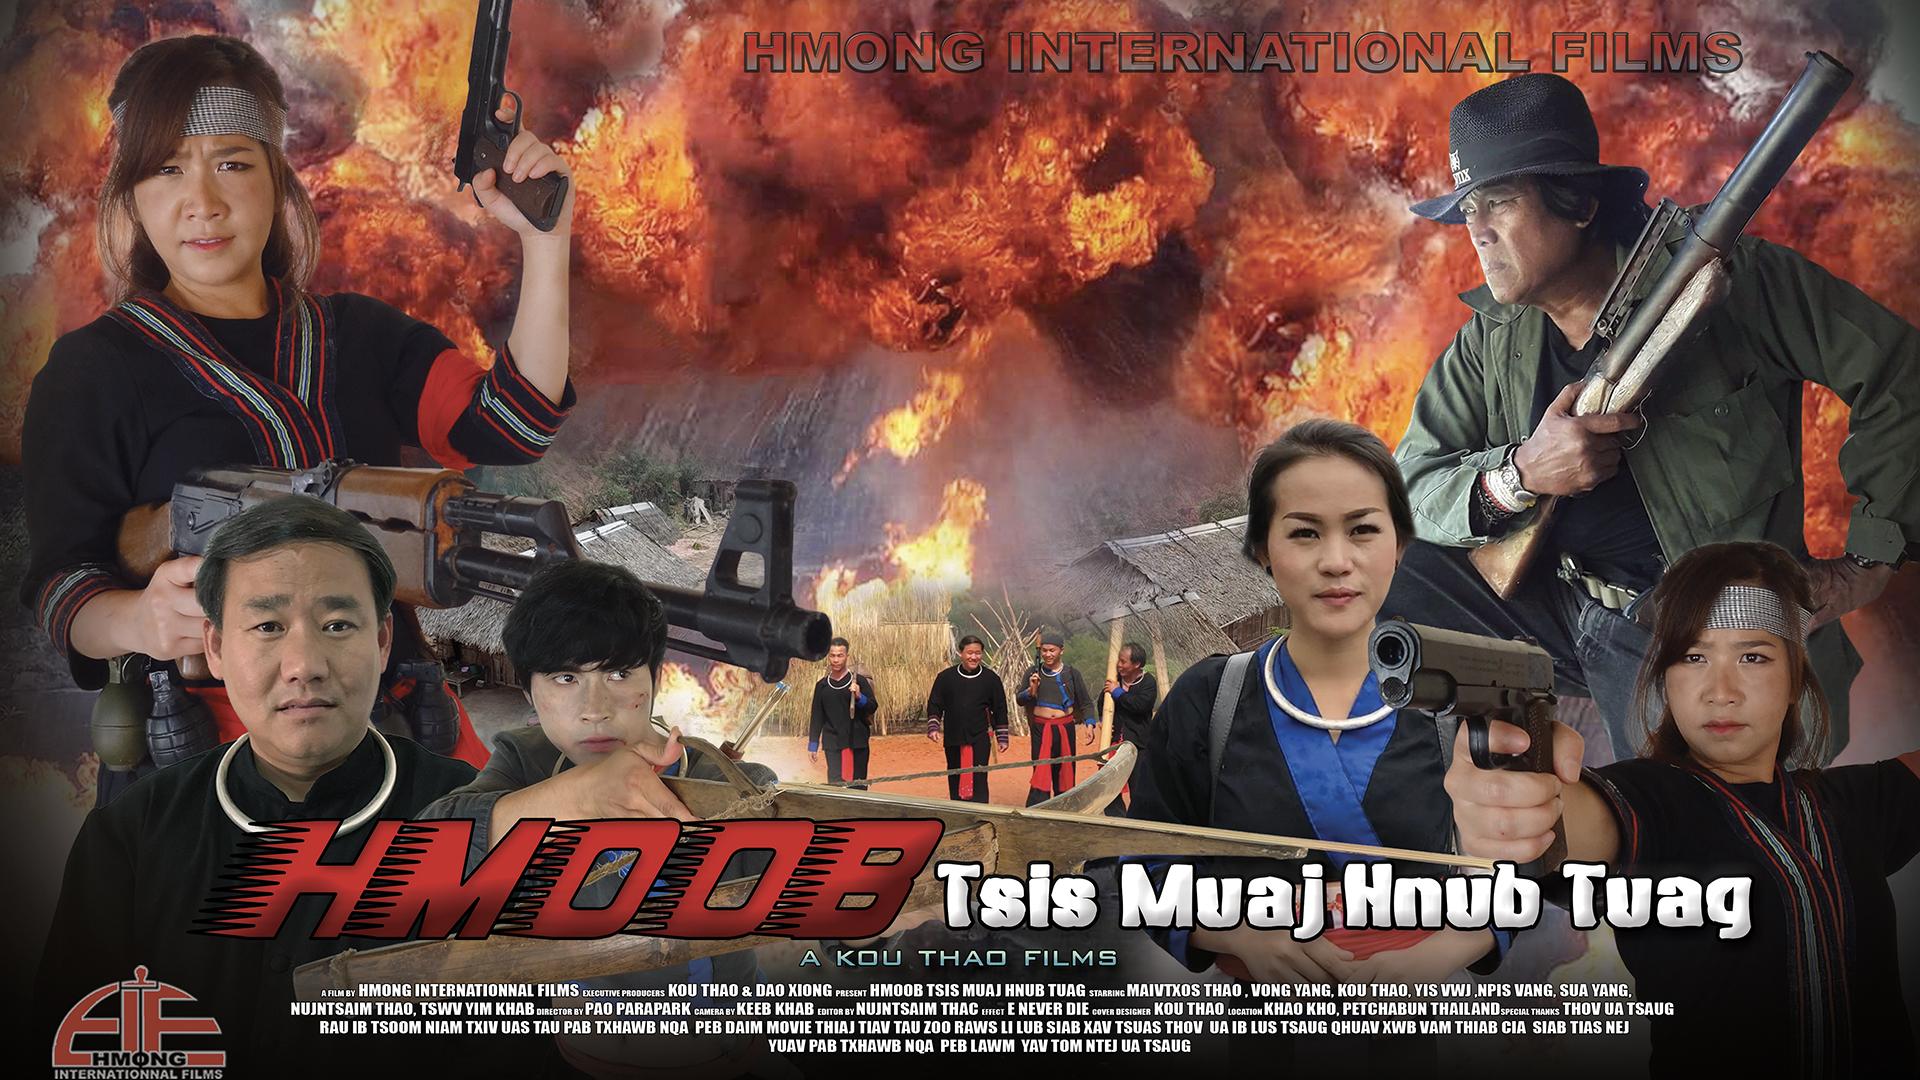 Hmong Tsis Muaj Hnub Tuag (Poster)